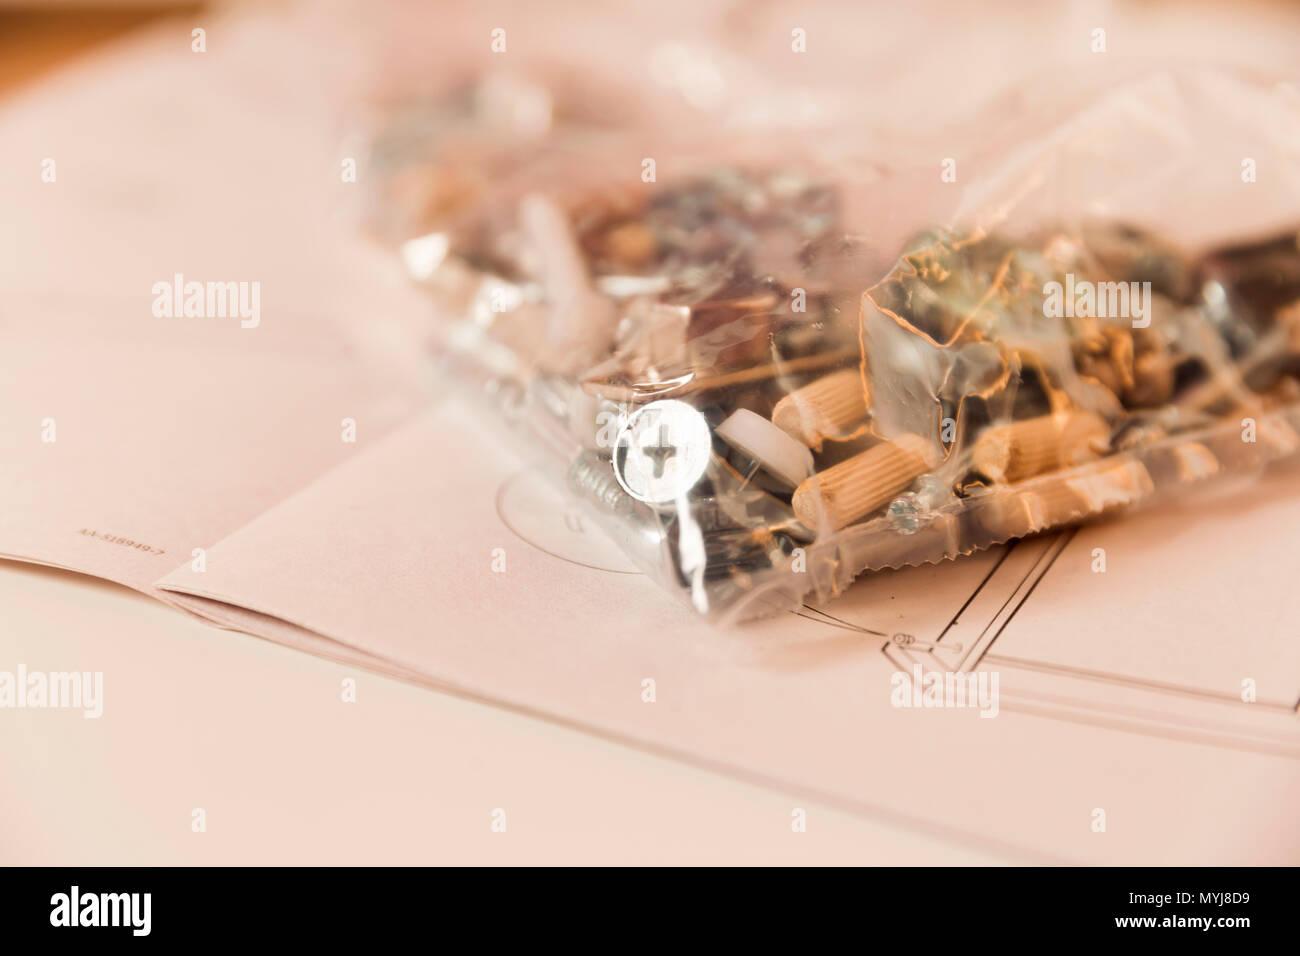 Un Insieme Di Mobili.Assemblea Di Mobili Immagini Assemblea Di Mobili Fotos Stock Alamy